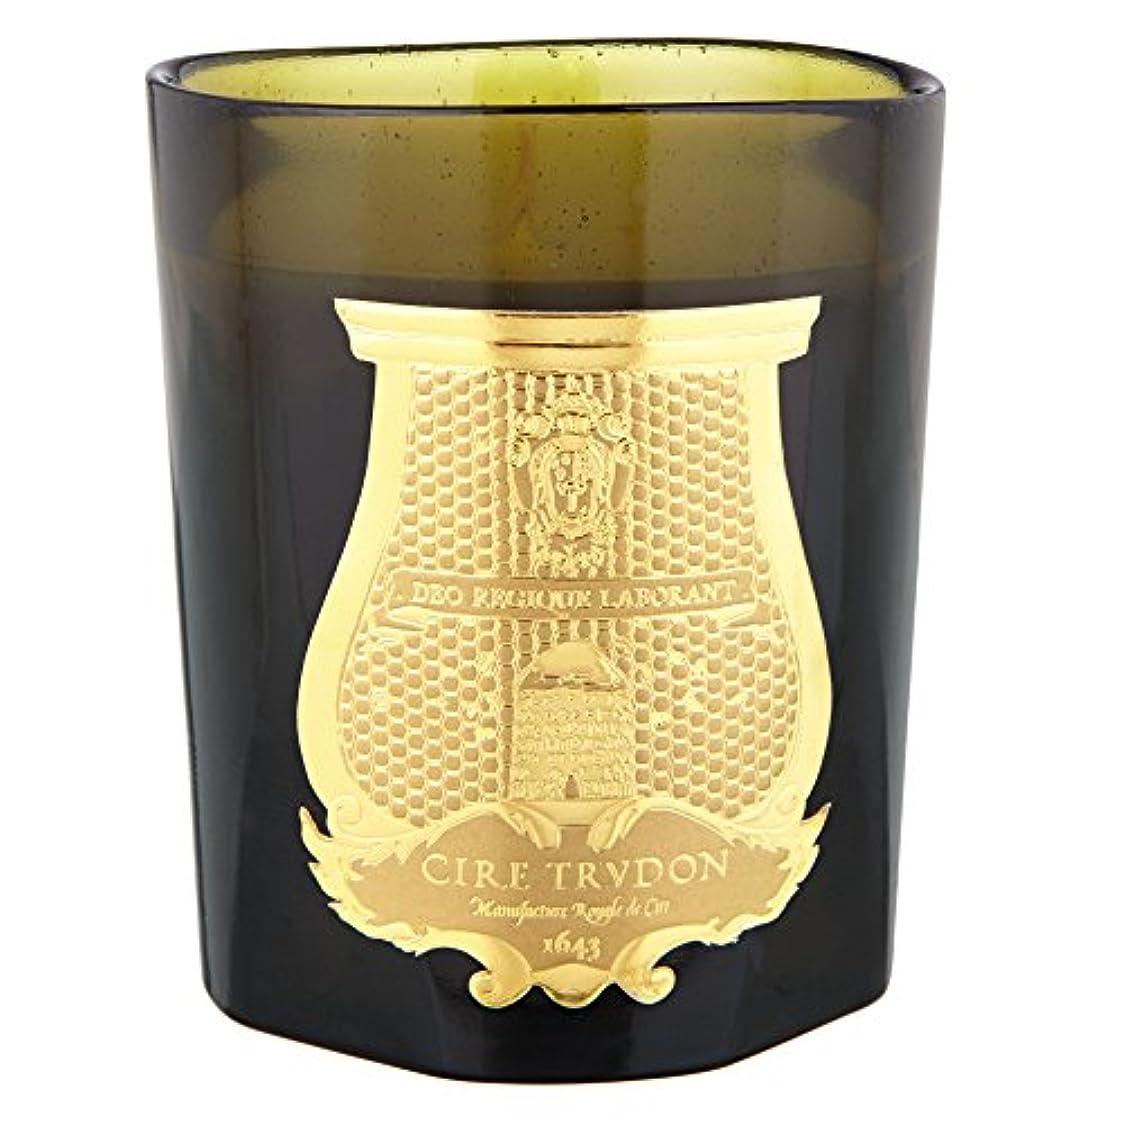 スプリット鳴らすシンポジウムCire Trudonソリスレックス香りのキャンドル (Cire Trudon) - Cire Trudon Solis Rex Scented Candle [並行輸入品]